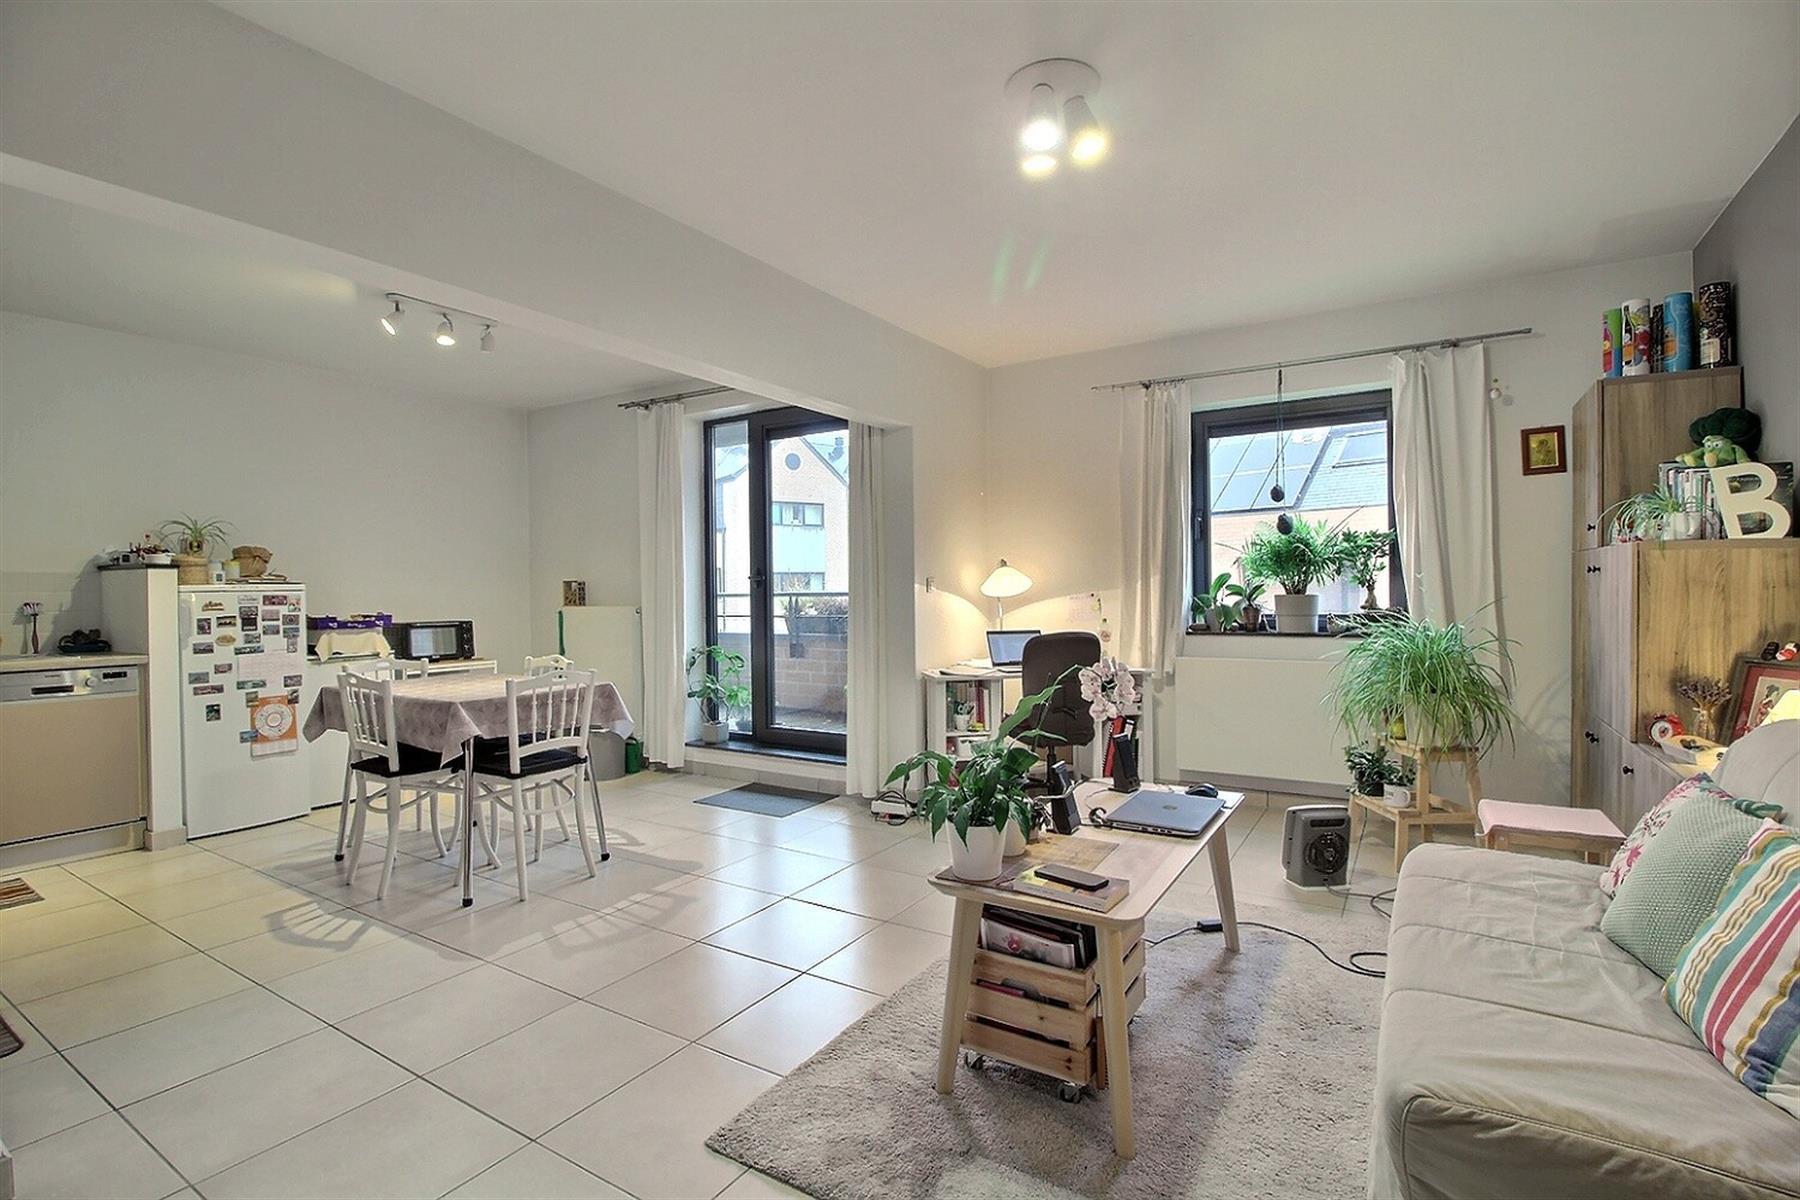 Appartement - Ottignies-Louvain-la-Neuve - #4174683-0